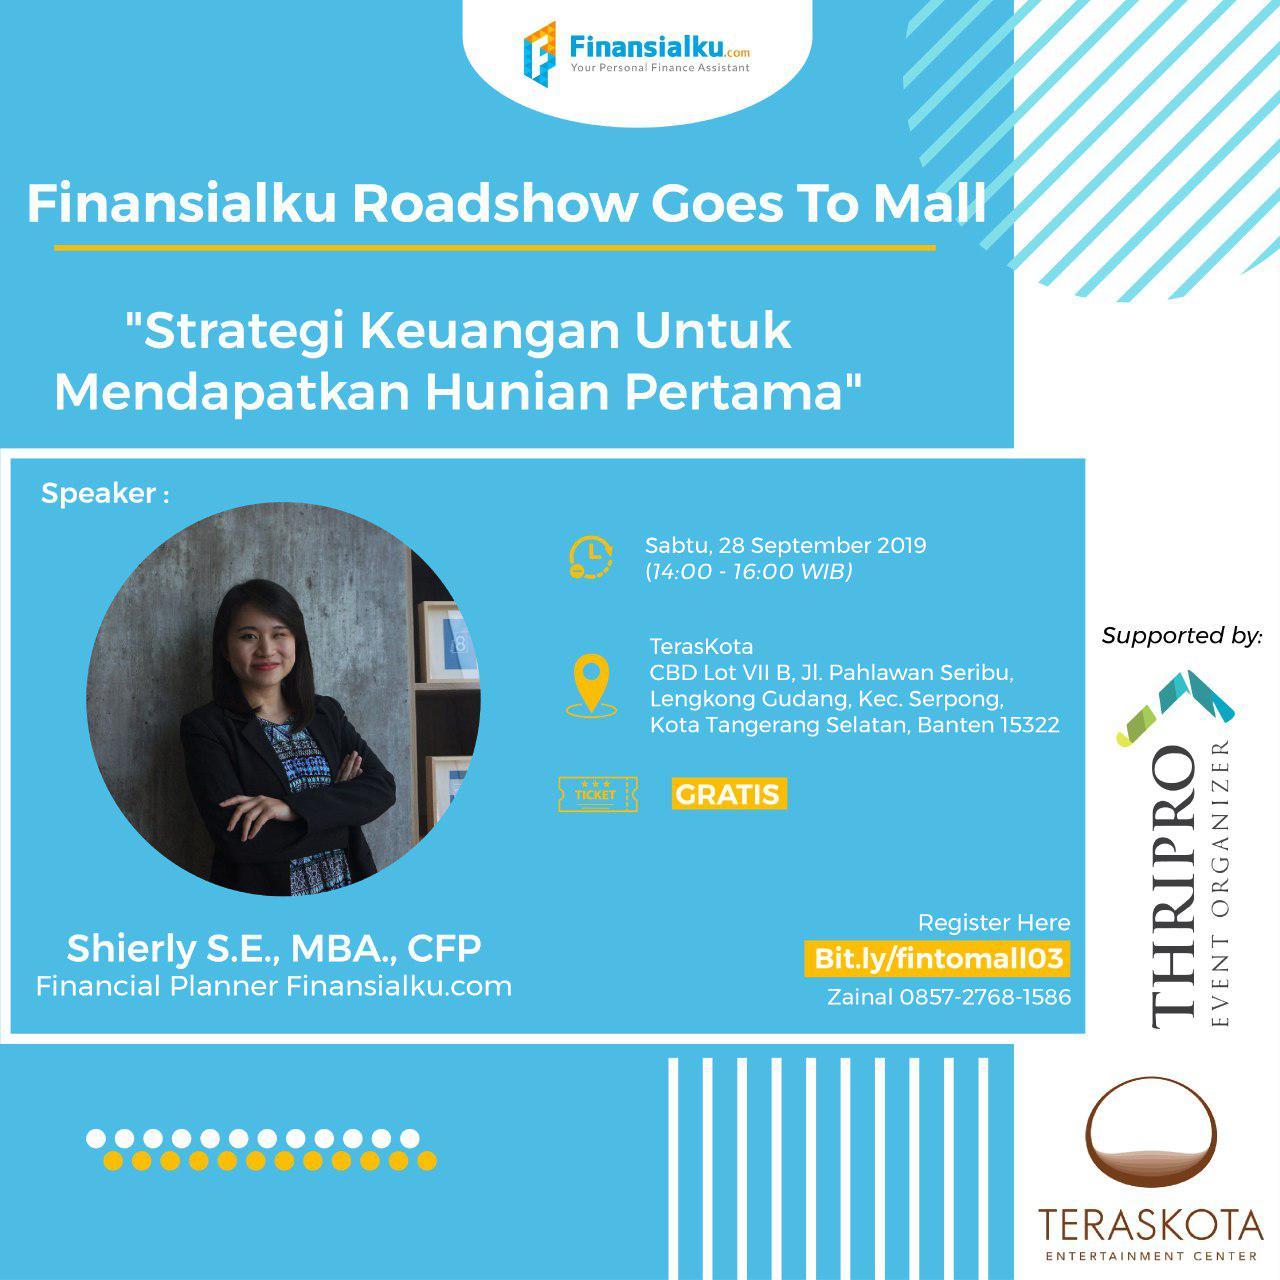 Finansialk Goes To Mall: Strategi keuangan untuk mendapatkan hunian pertama